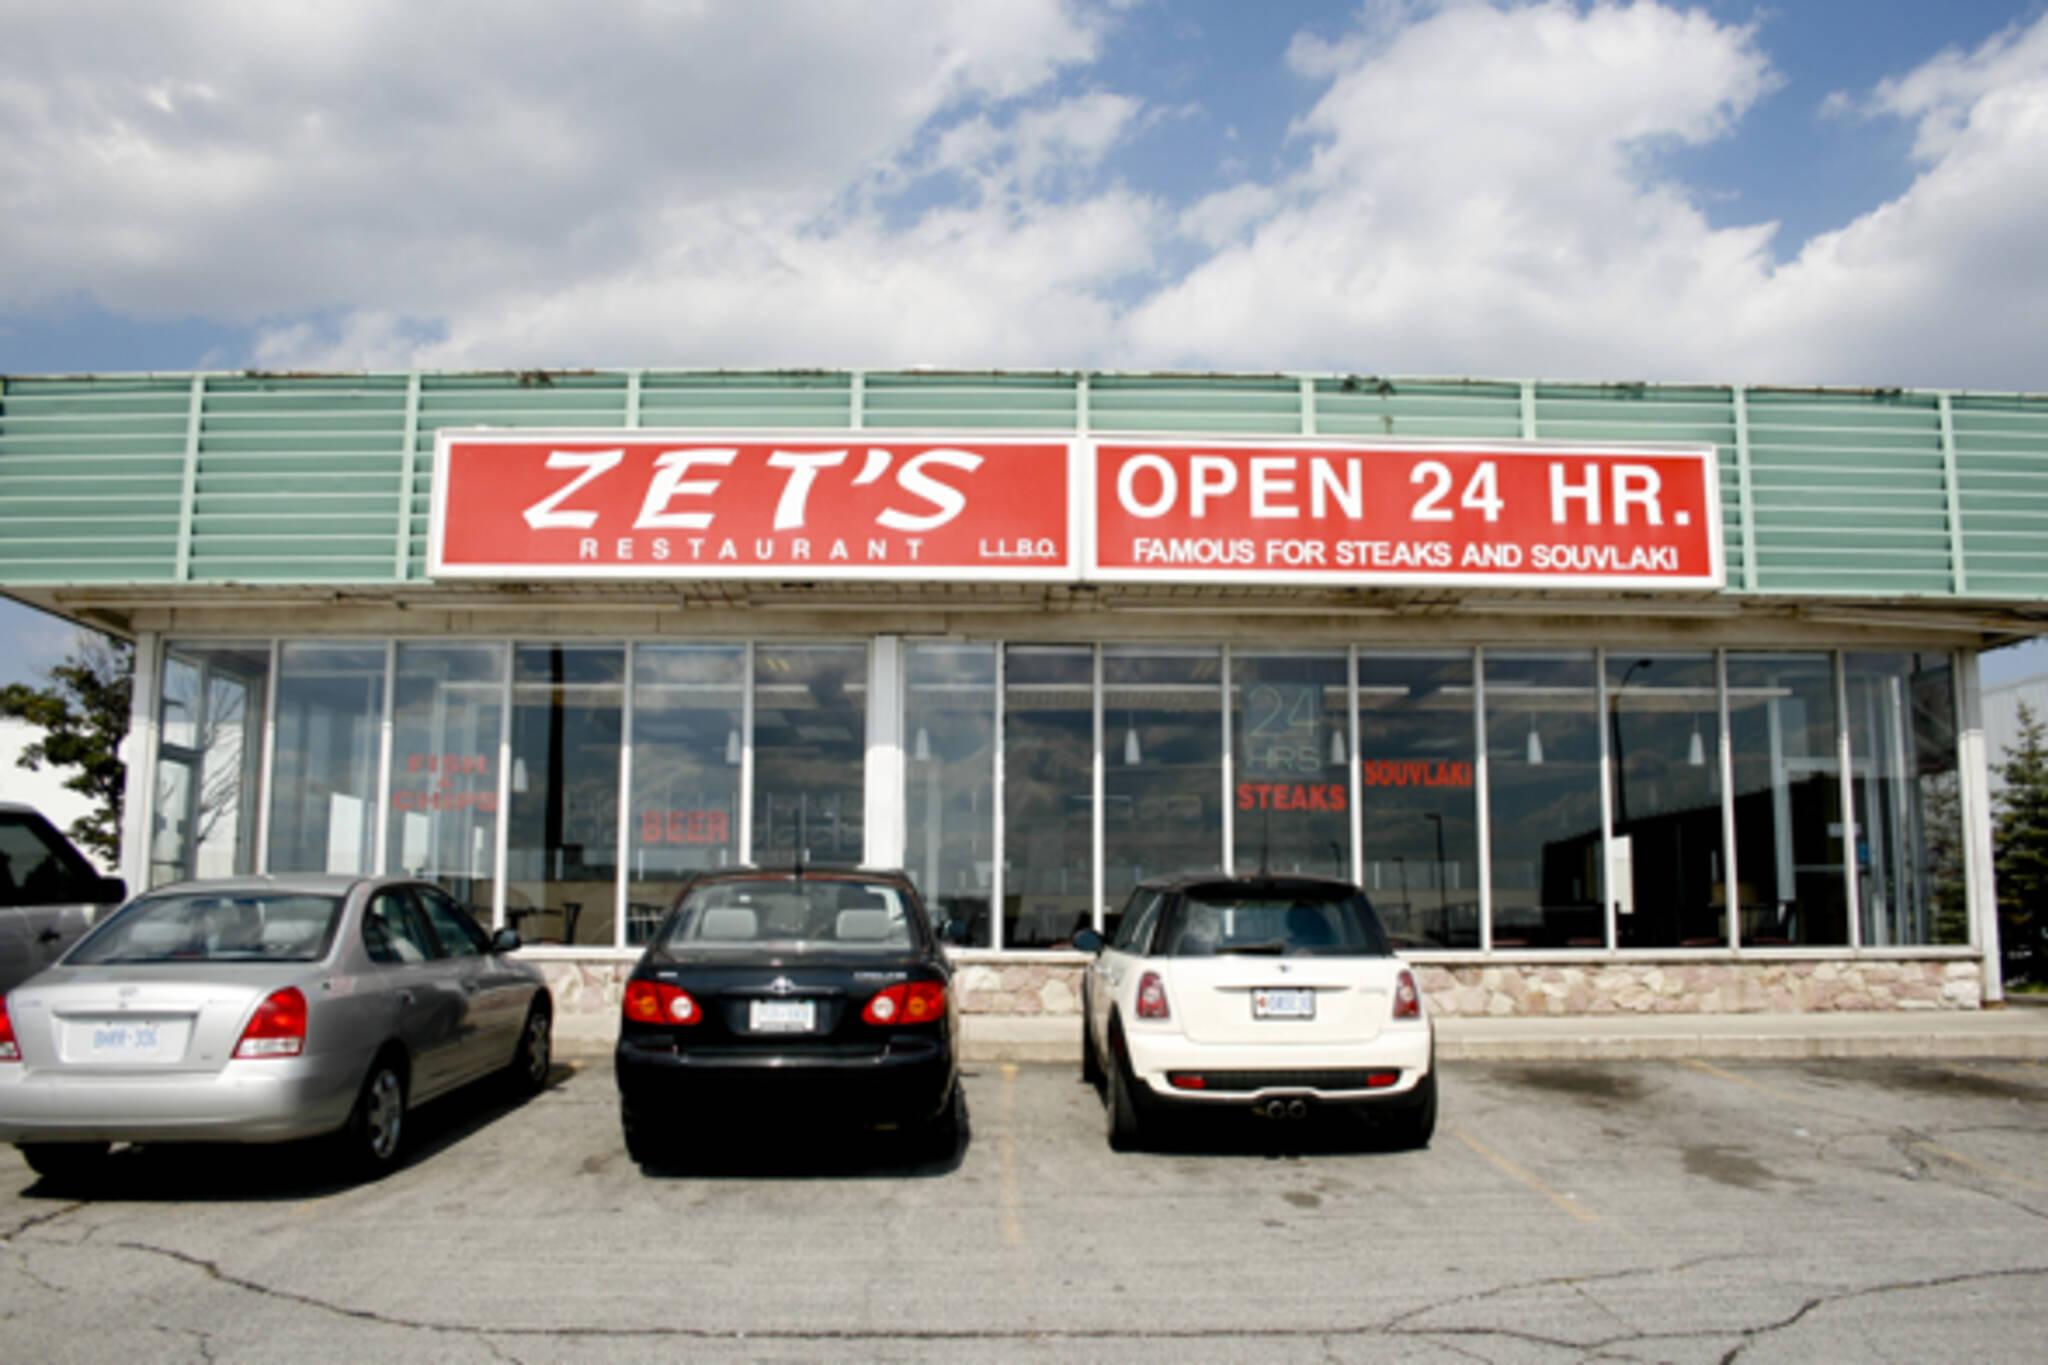 24 hours restaurants